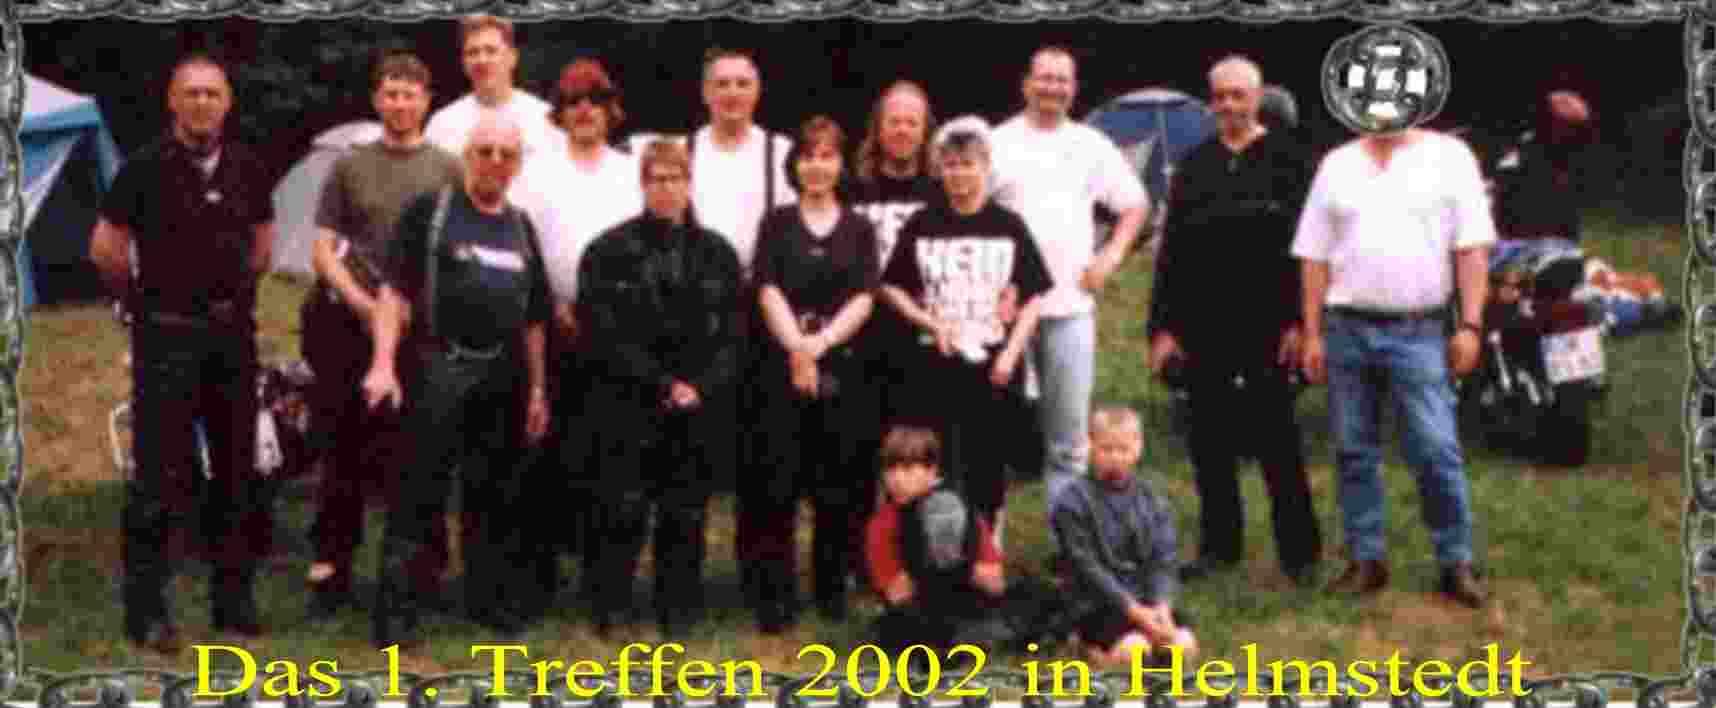 Bild-2002.jpg